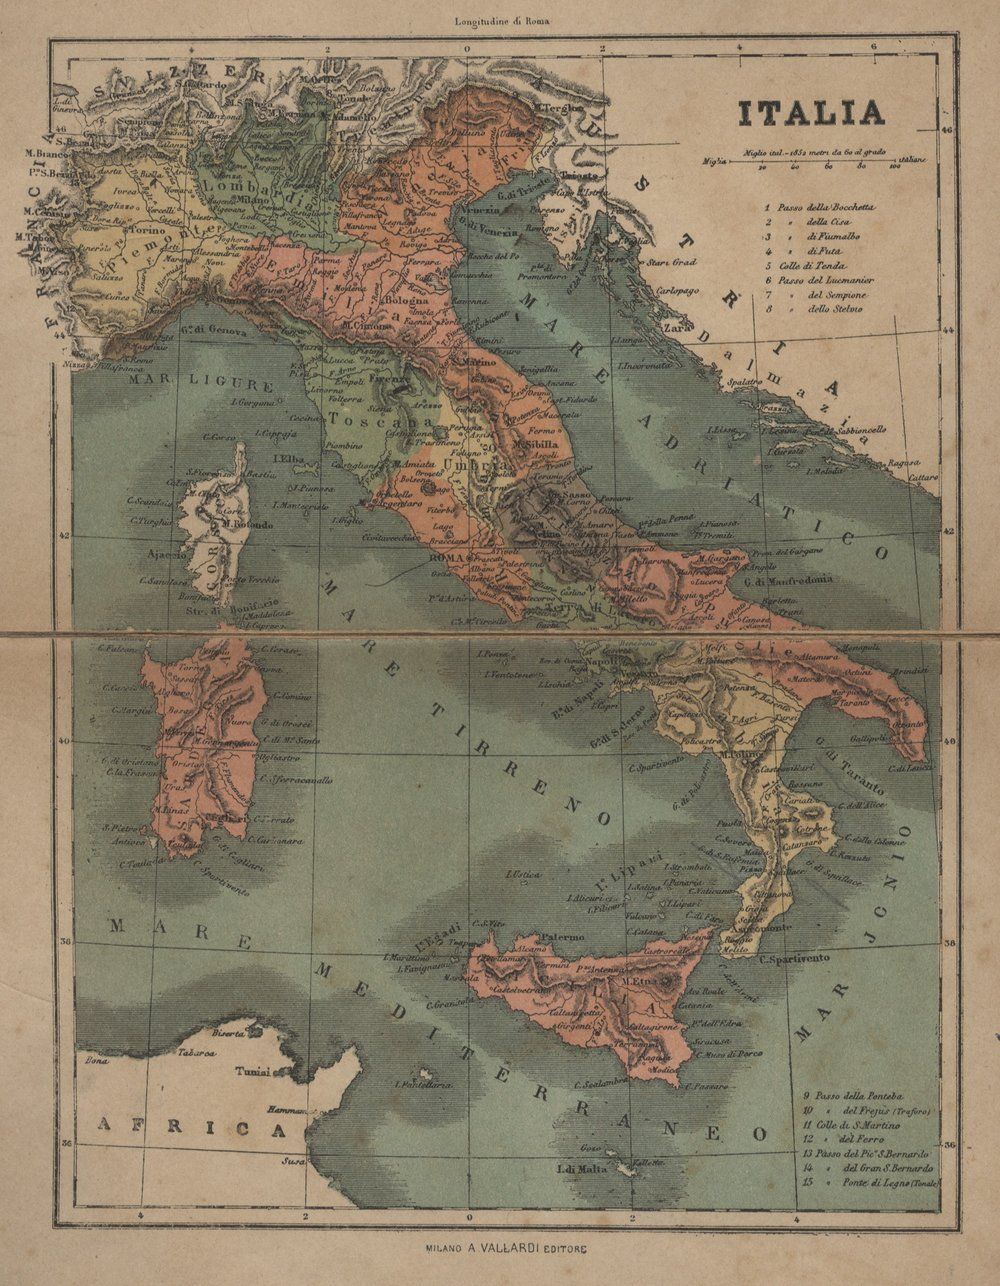 boria_compartimenti_italia219